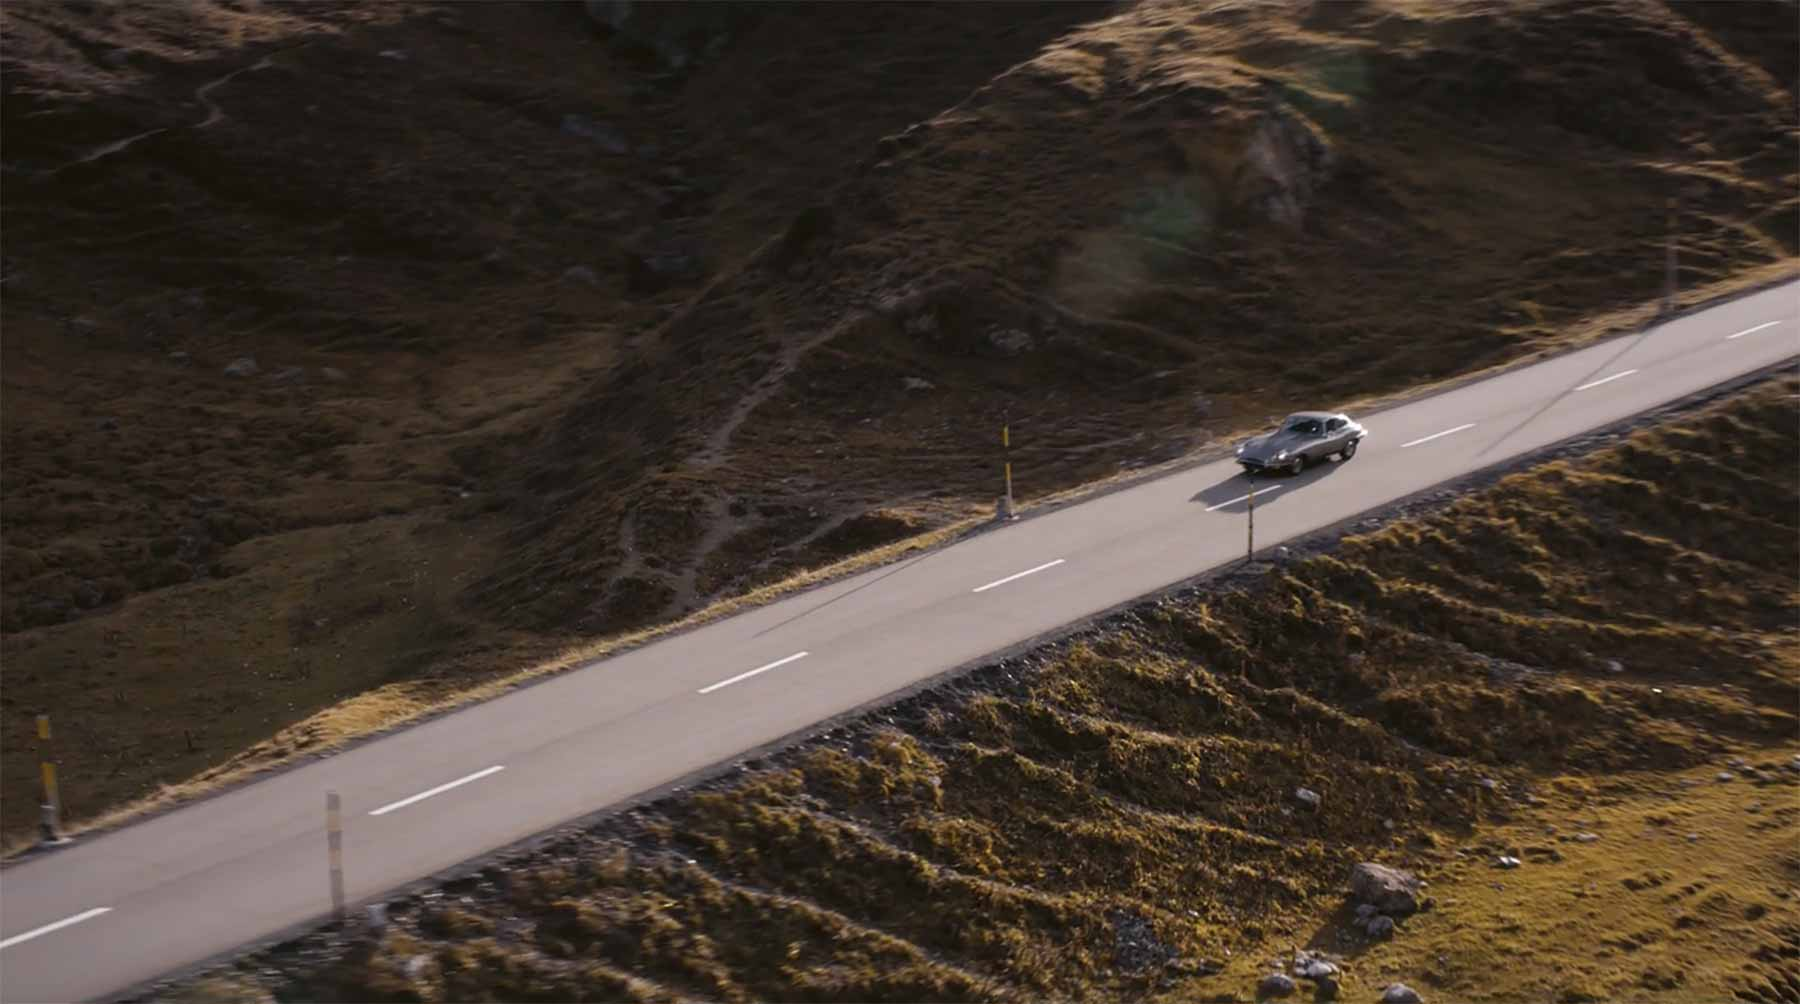 Mit dem Jaguar durch die Schweizer Natur skygarden-kurzfilm